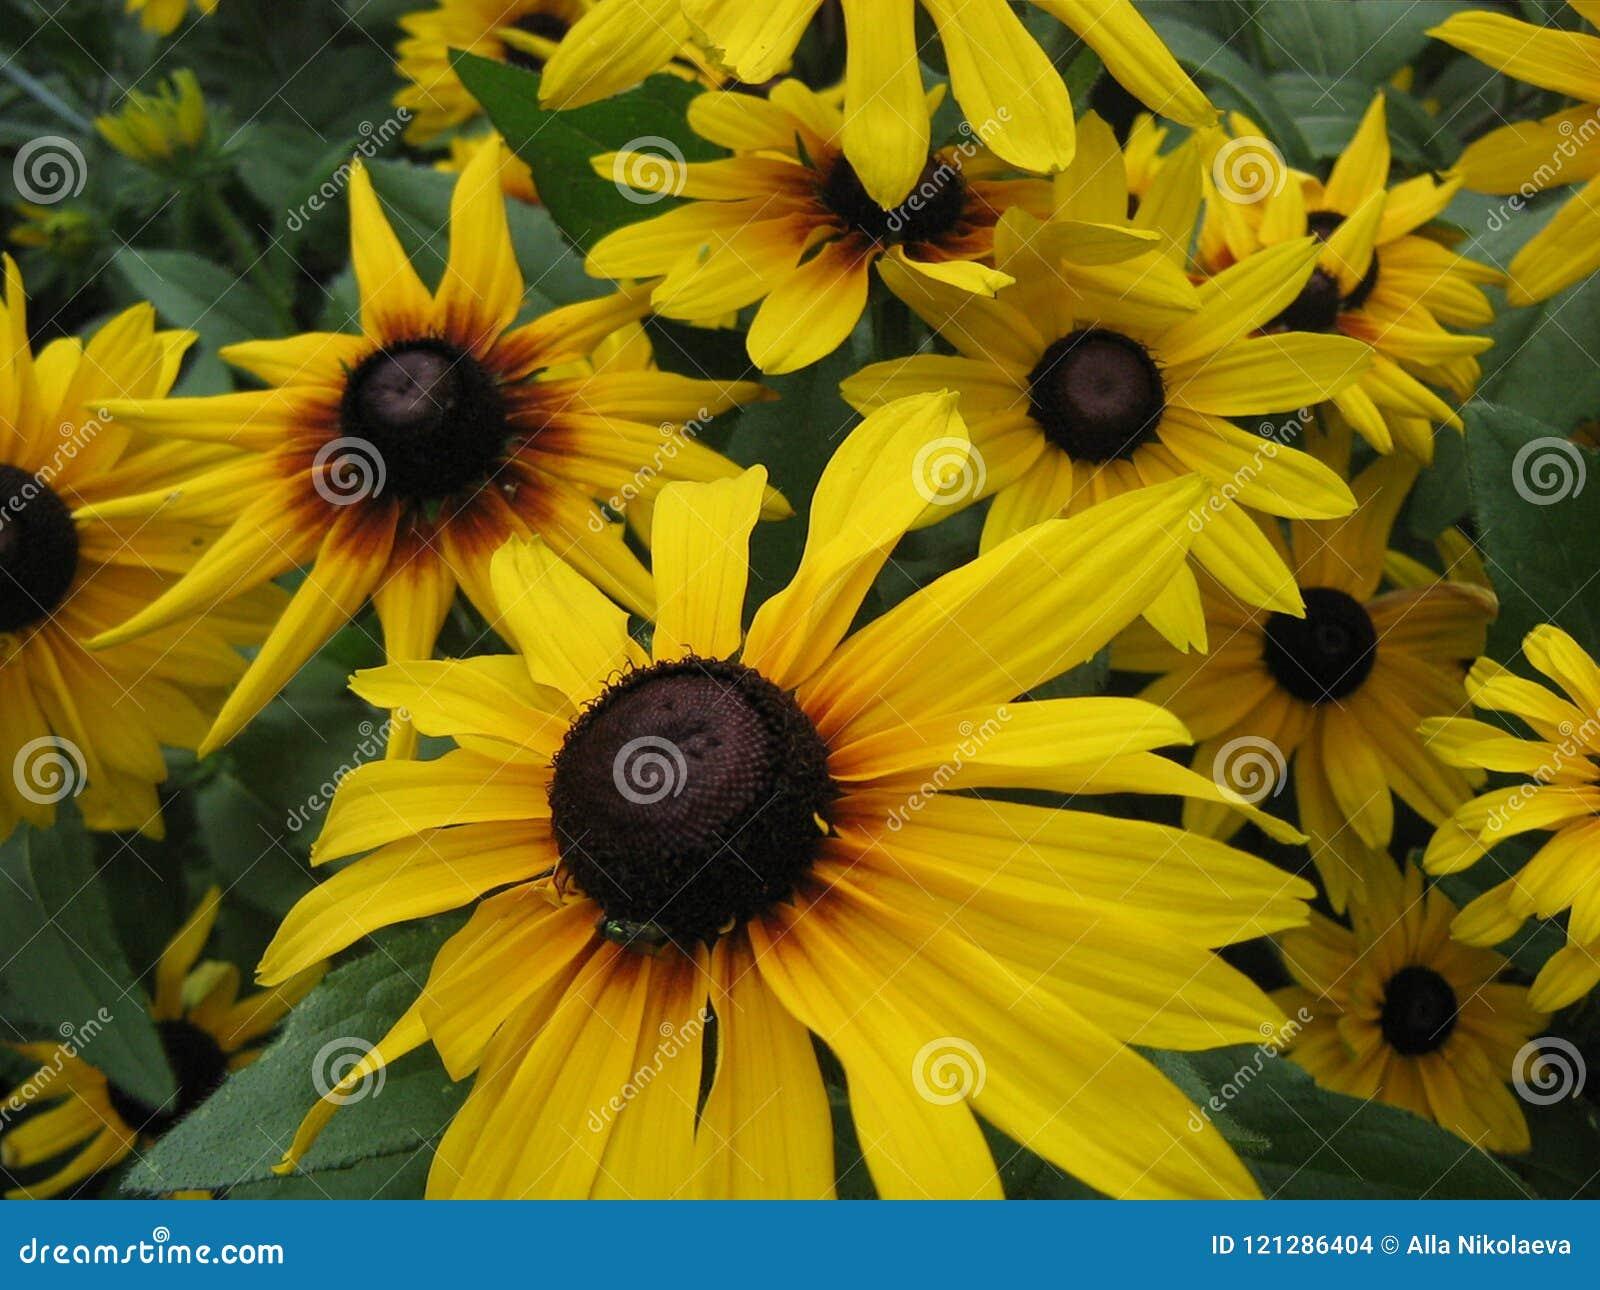 Usine fleurissante de lit de fleur de jardin d\u0027été de nature belle avec de grandes  fleurs jaunes